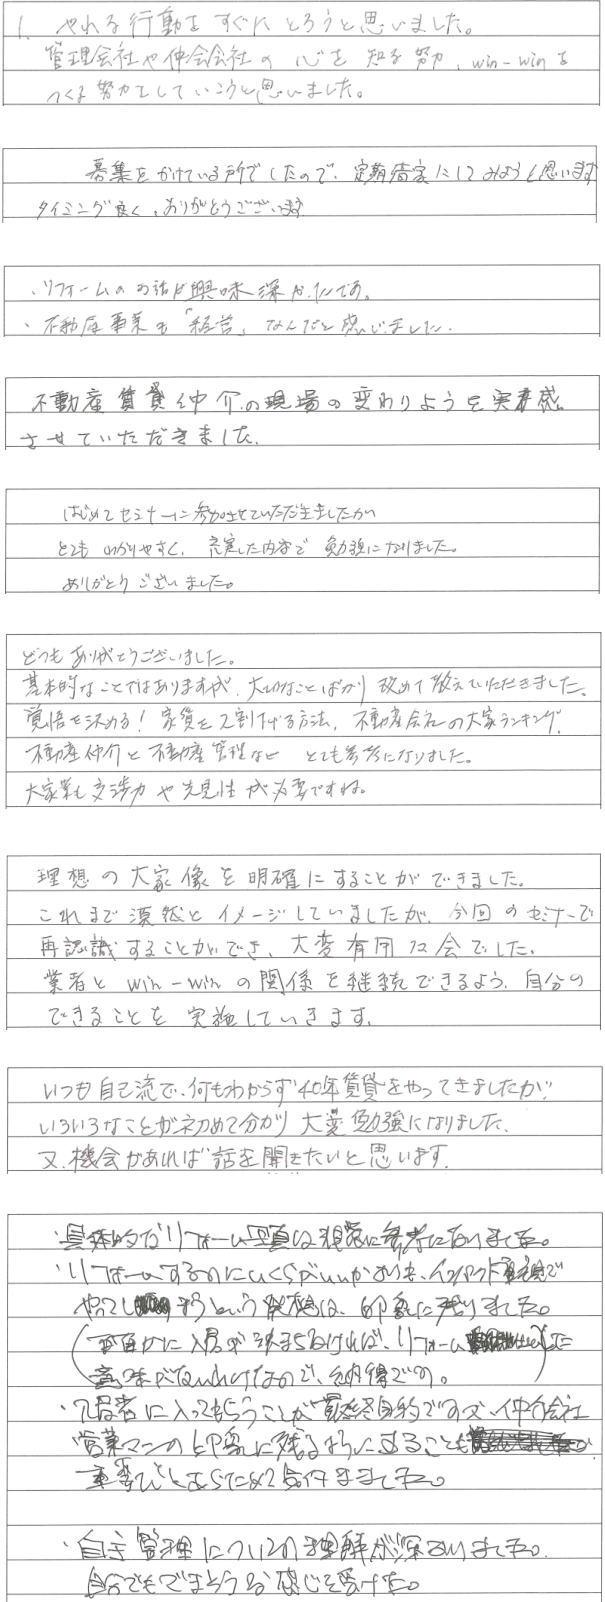 voice_2014_06_15.jpg